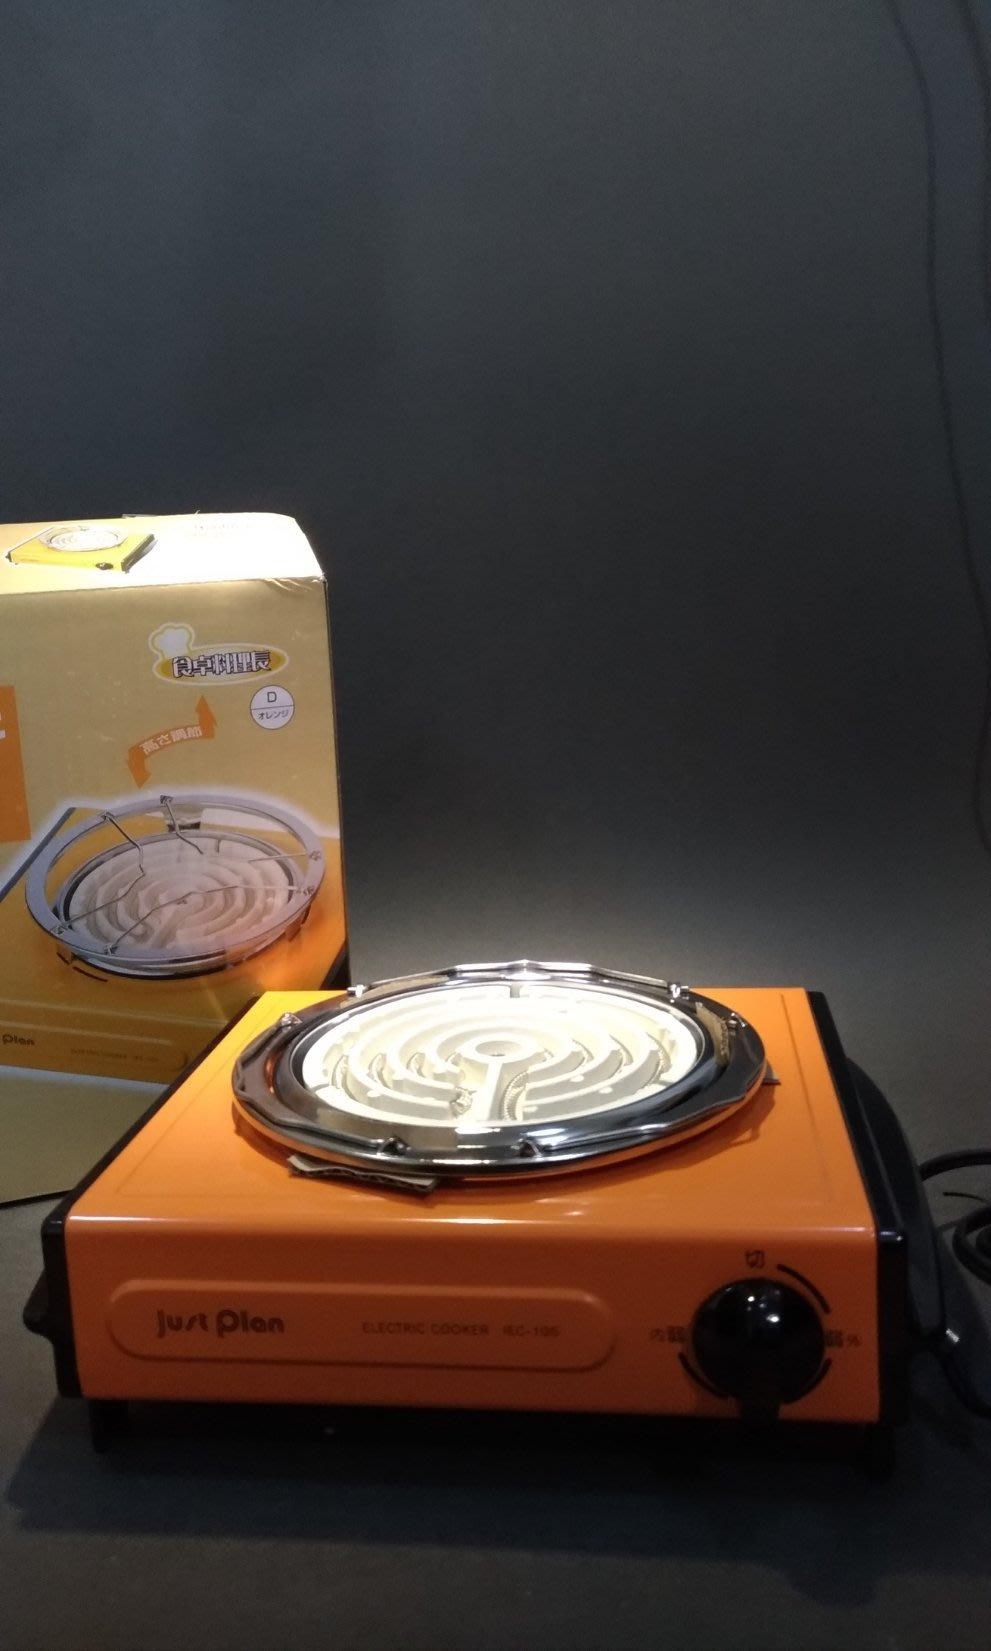 ☆清沁苑☆//清倉特價品出清// 日本茶道具~日本just pian電氣爐(橙) 電熱爐 電爐~d573